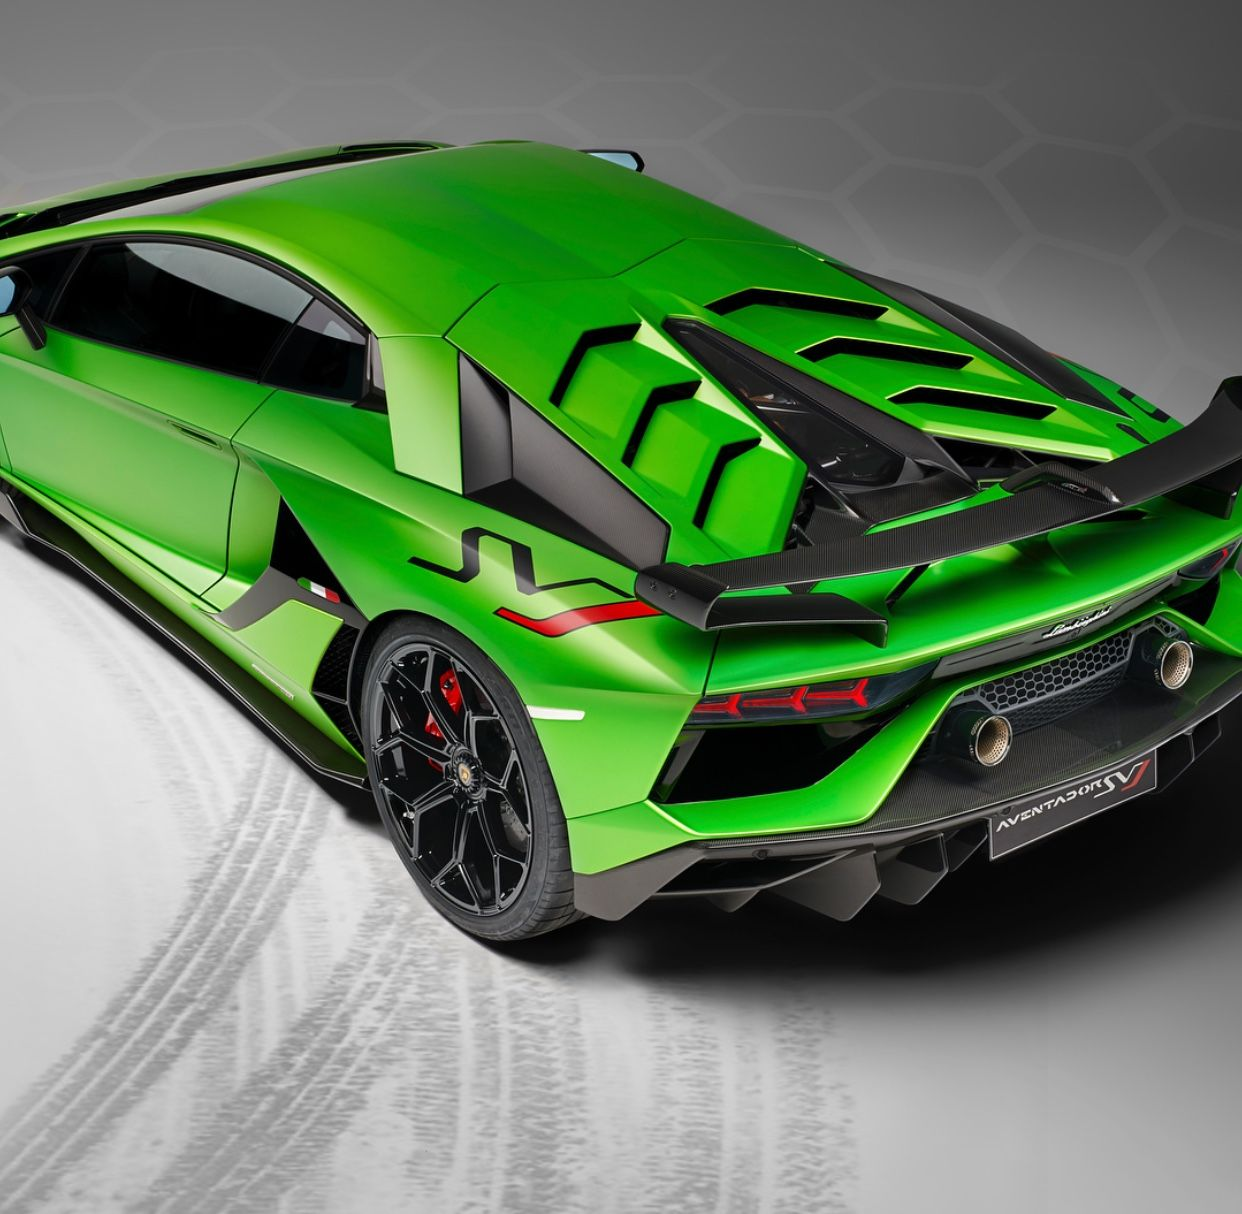 2019 Lamborghini Aventador Svj Beste Auto Modelle